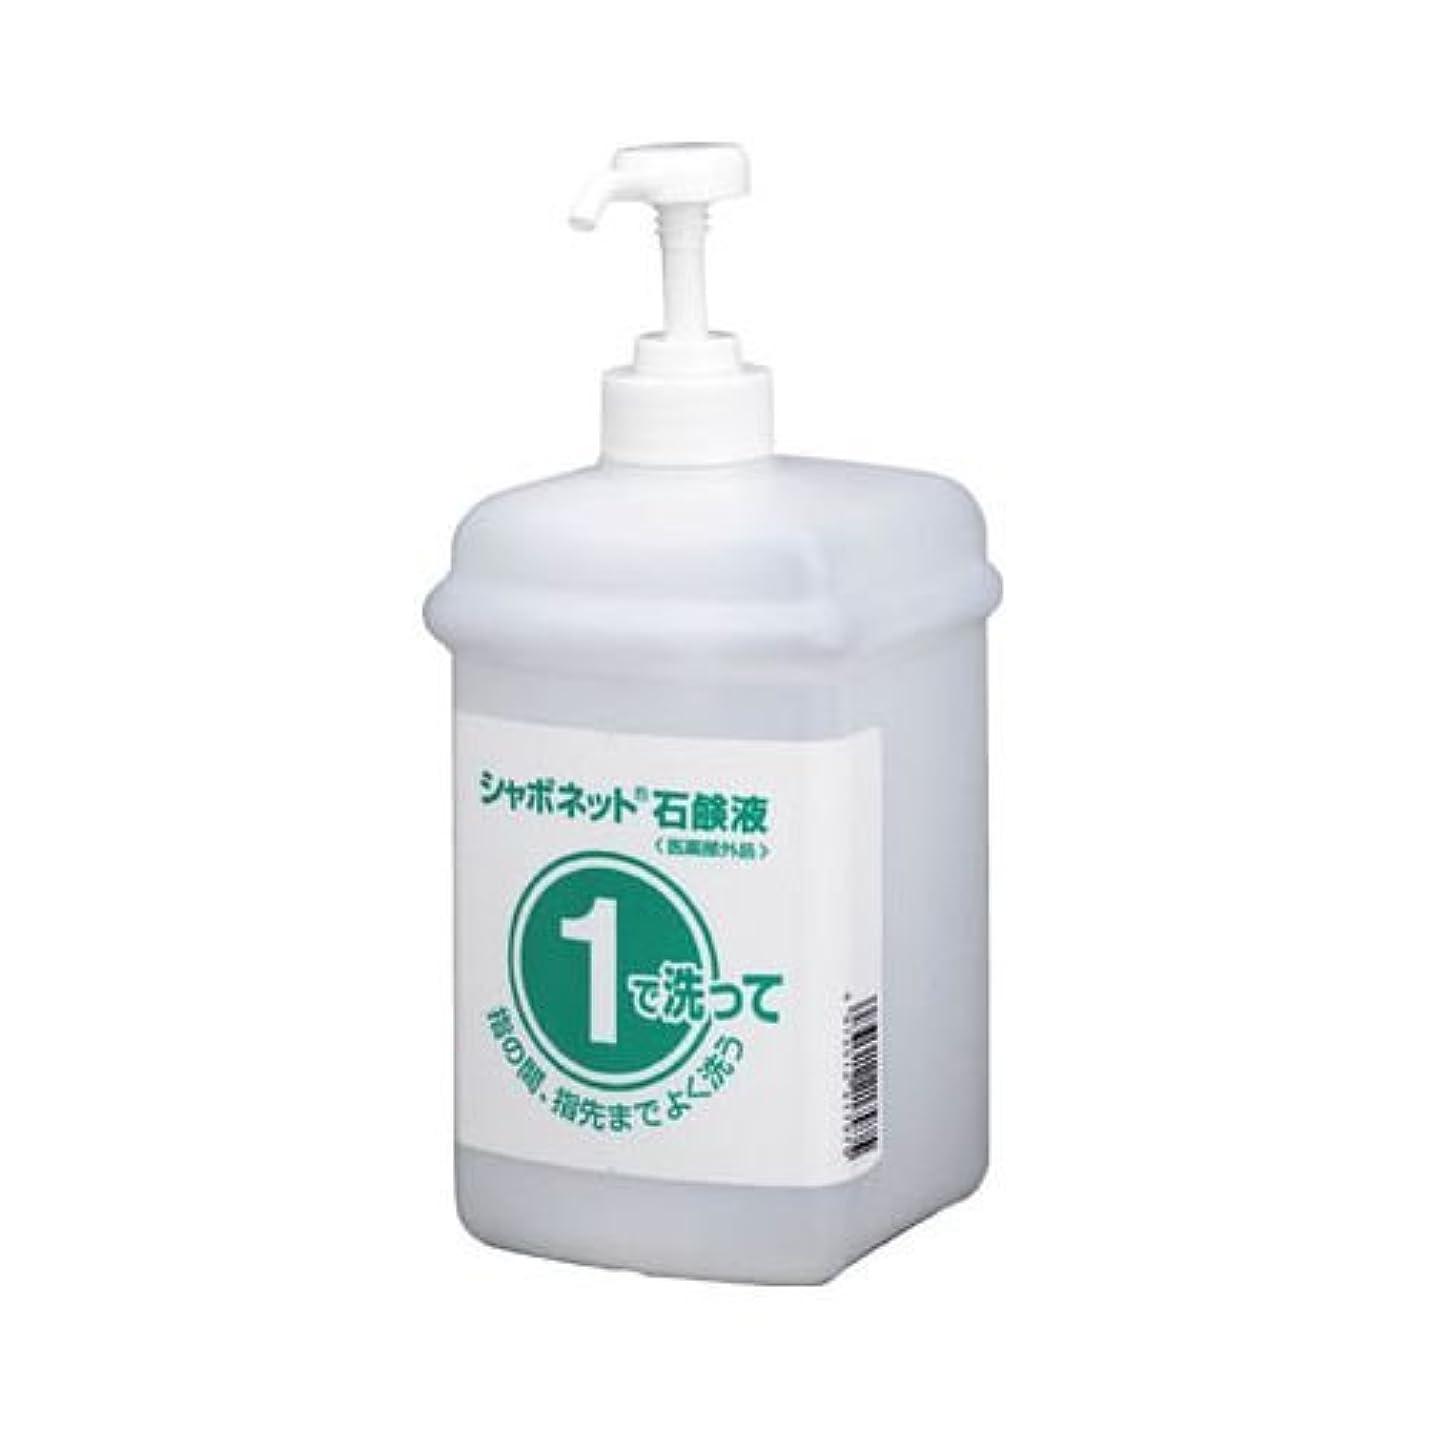 劇作家発行確率サラヤ 石鹸容器 1?2セットボトル 石鹸液用1L 21793